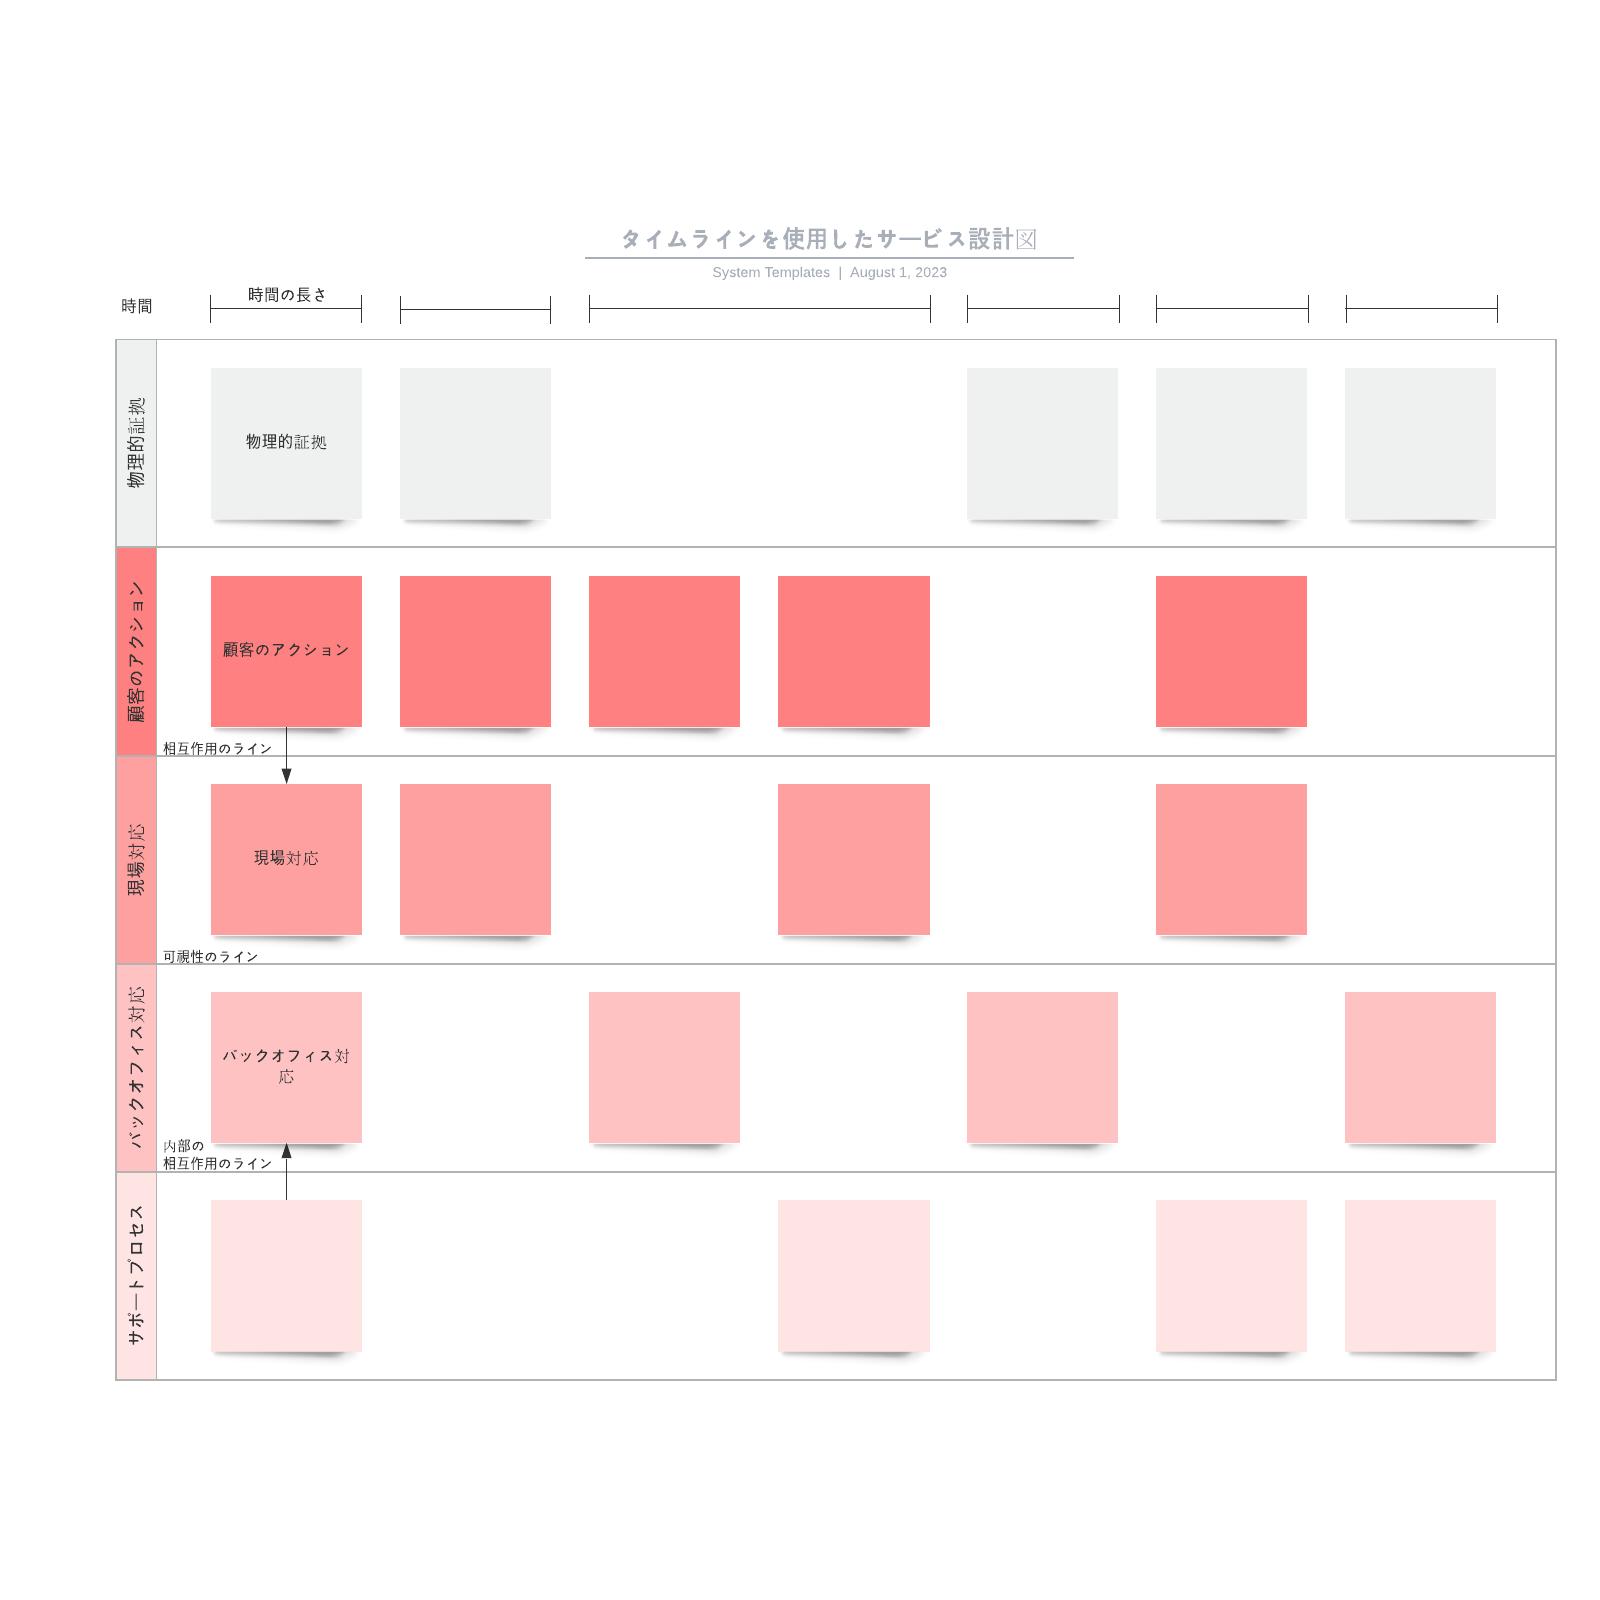 タイムラインとサービス設計図テンプレート